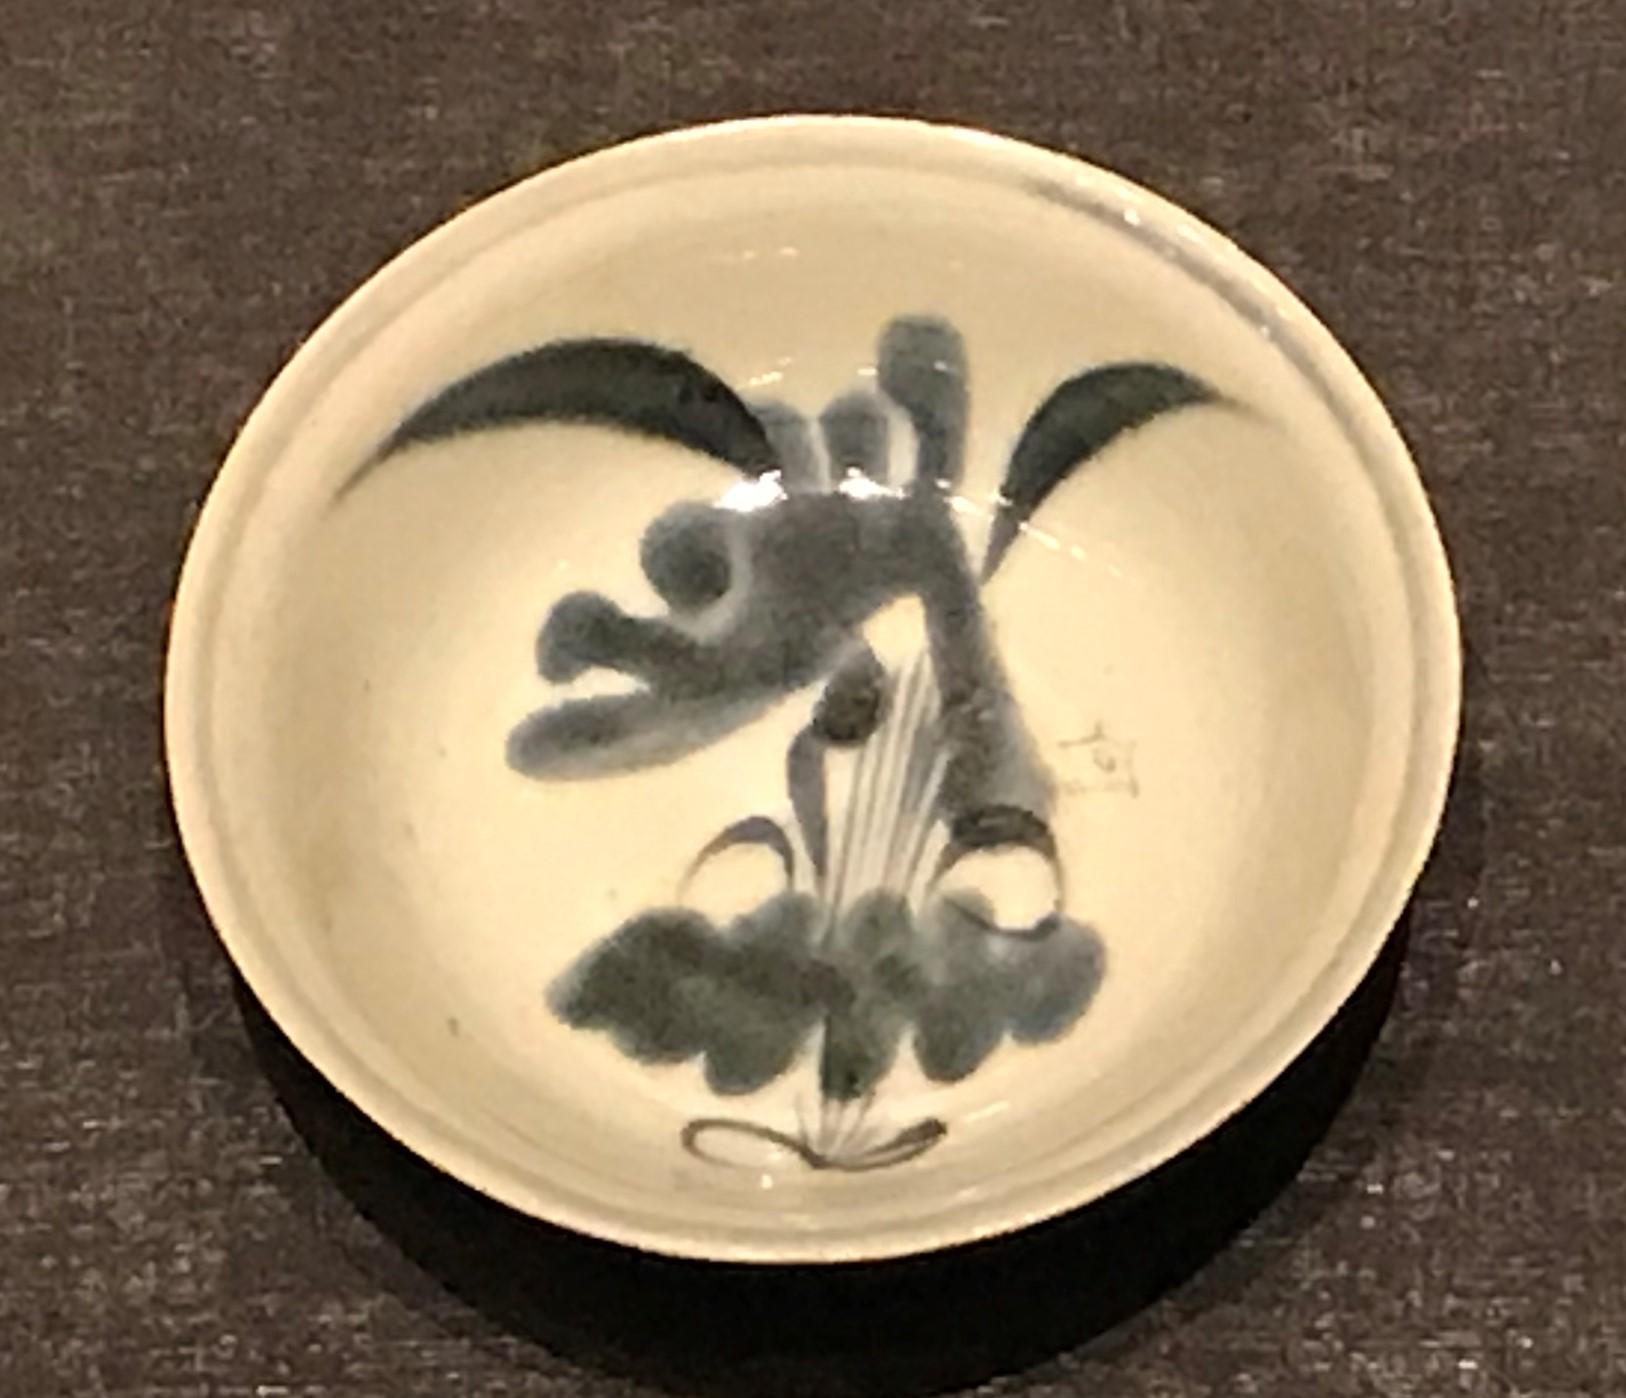 青花花草紋磁碗-明清時代-常設展F3-成都博物館